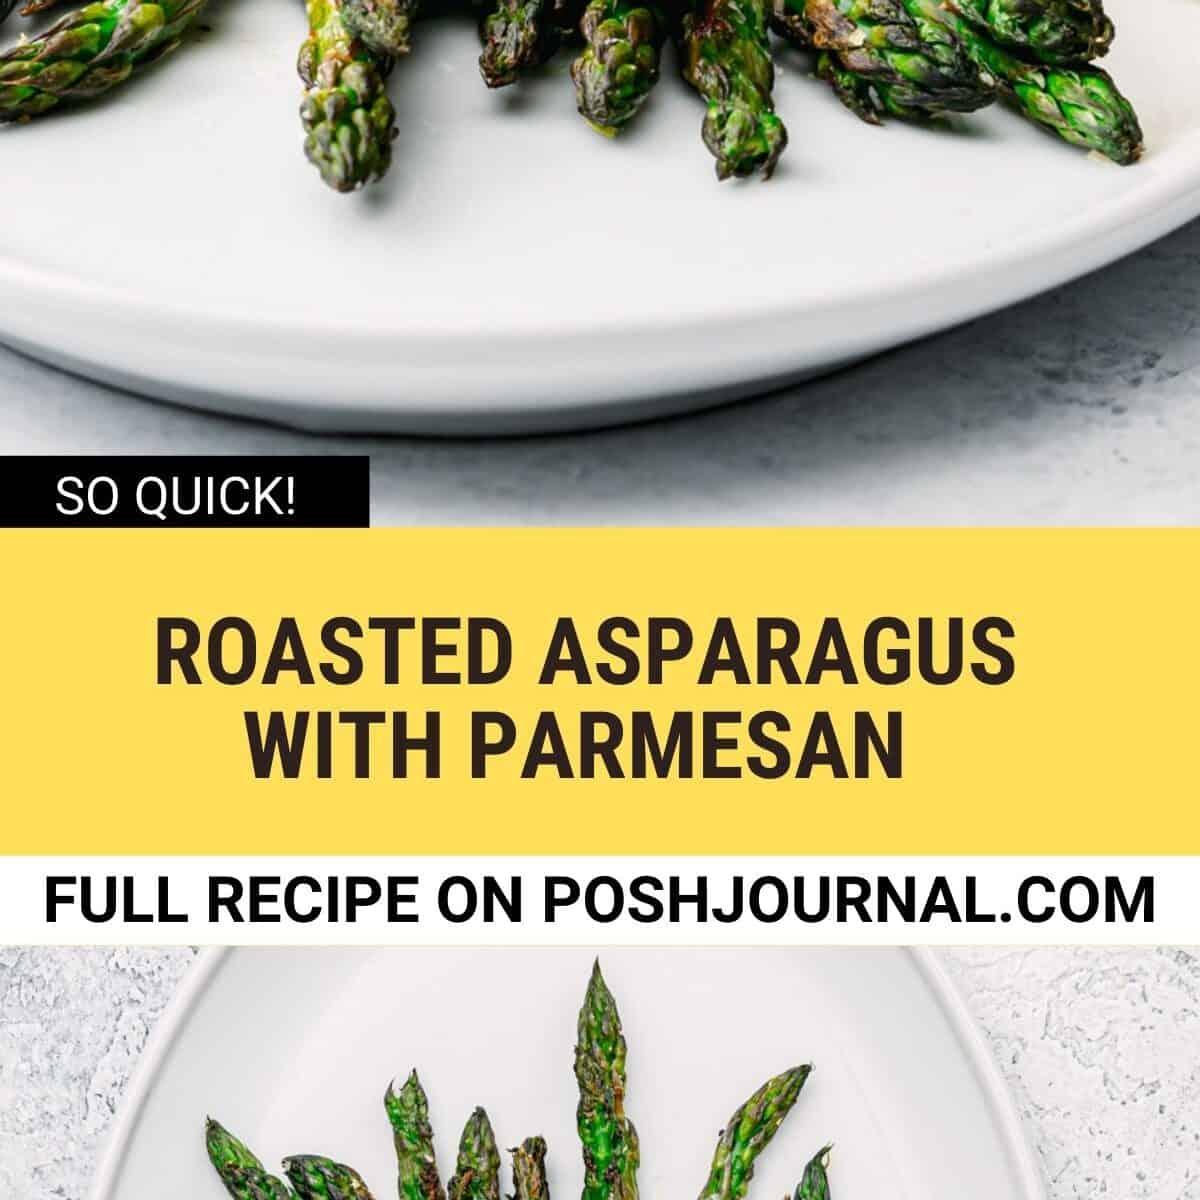 asparagus with parmesan, and lemon zest.